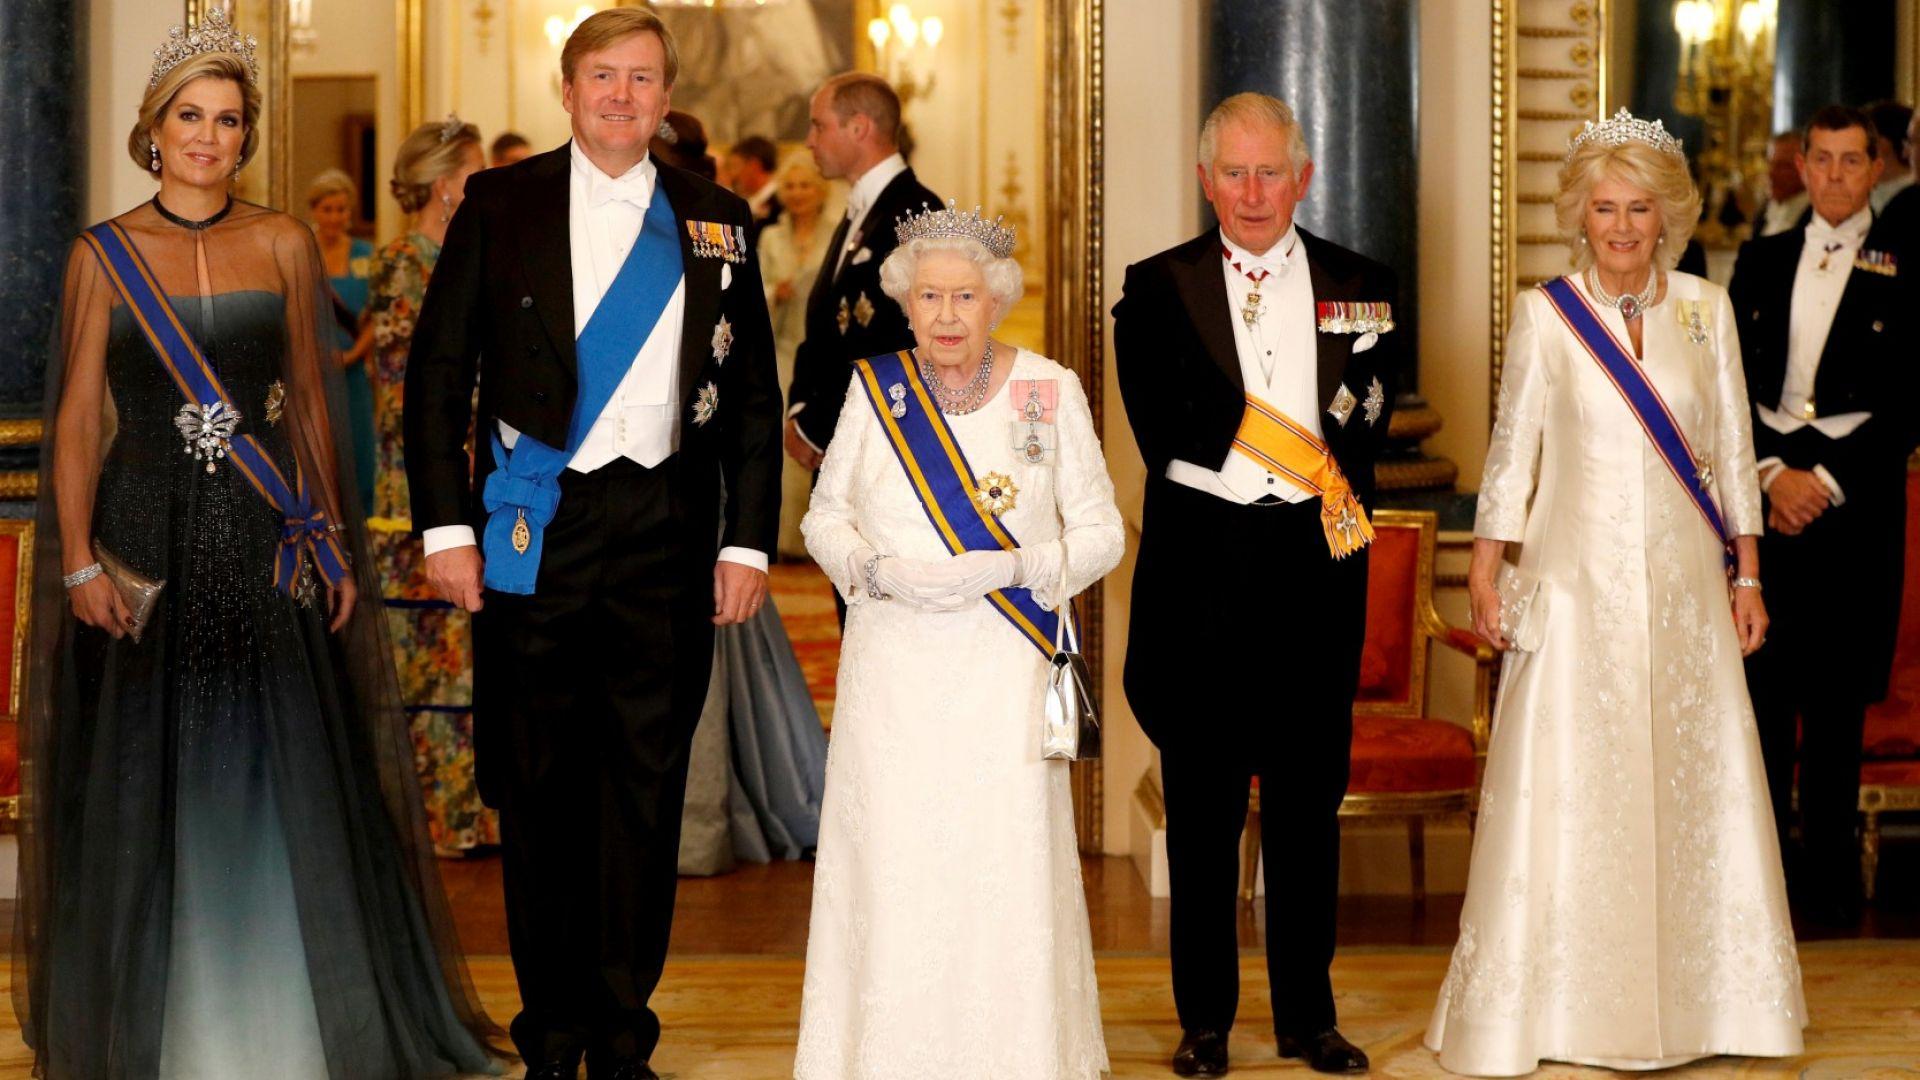 Кралски шик на приема в чест на Максима и Вилем-Александър в Бъкингам